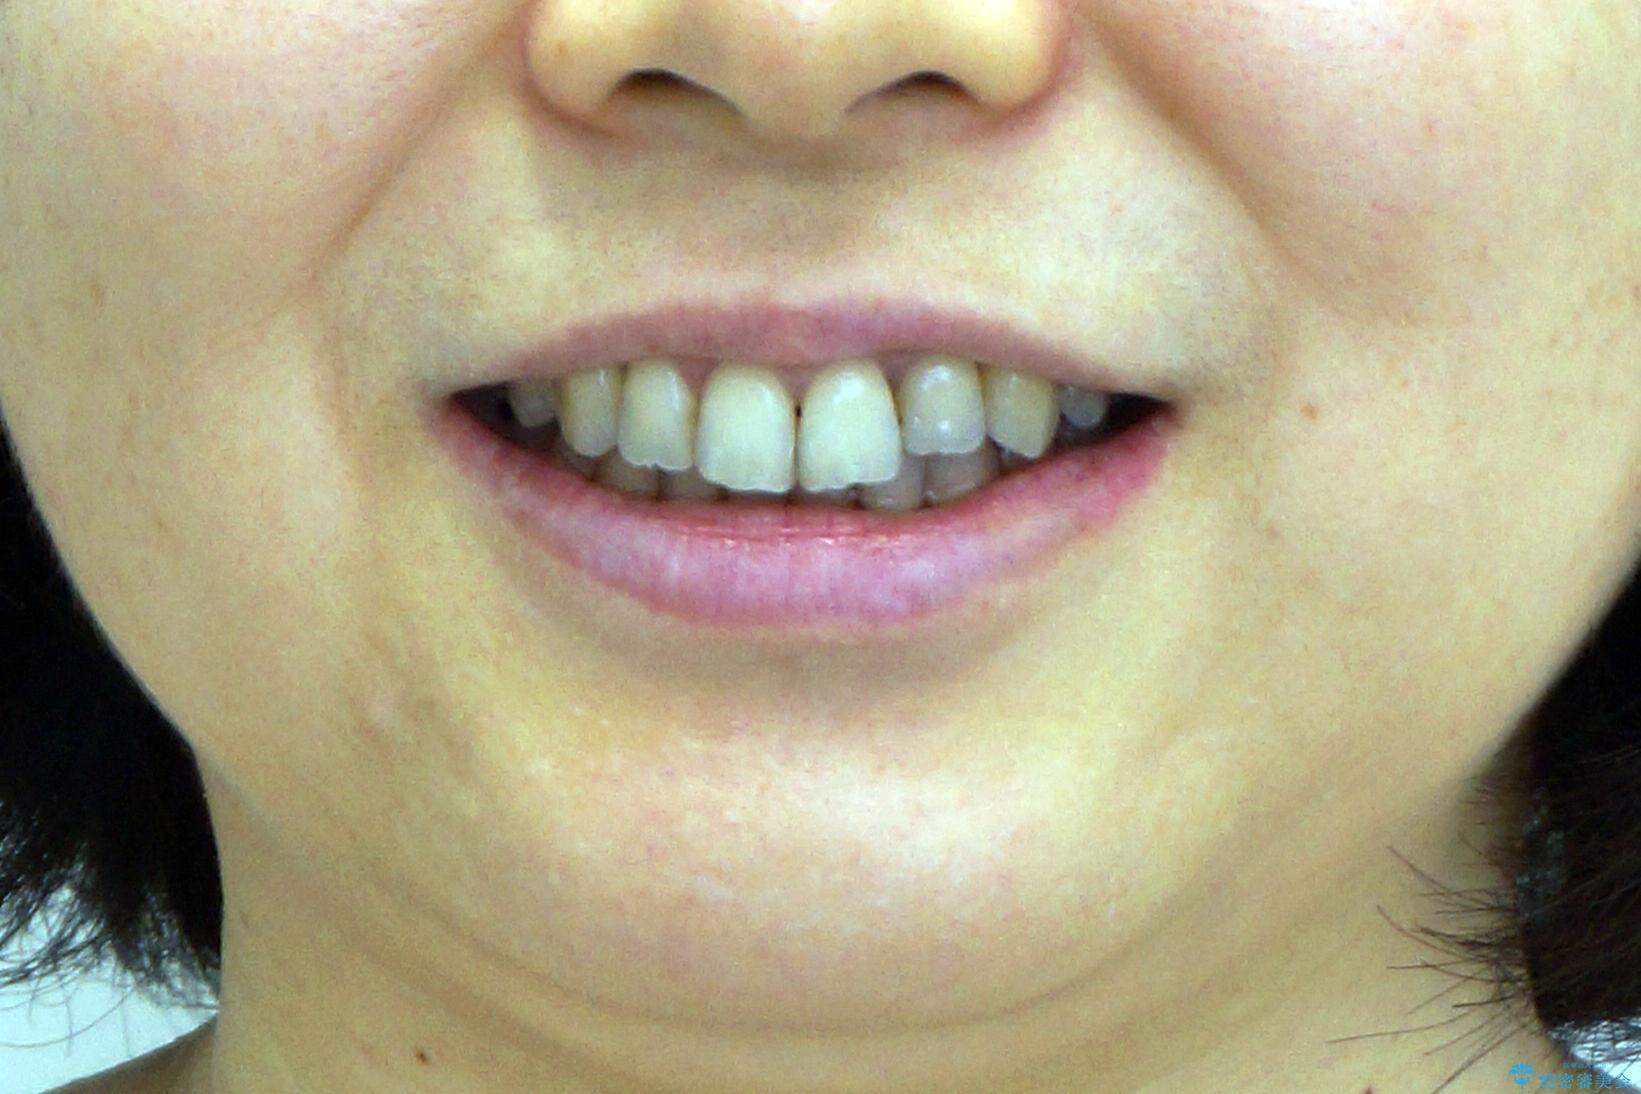 前歯のガタガタ 治療期間がかかっても良いので非抜歯でマウスピースでの治療後(顔貌)